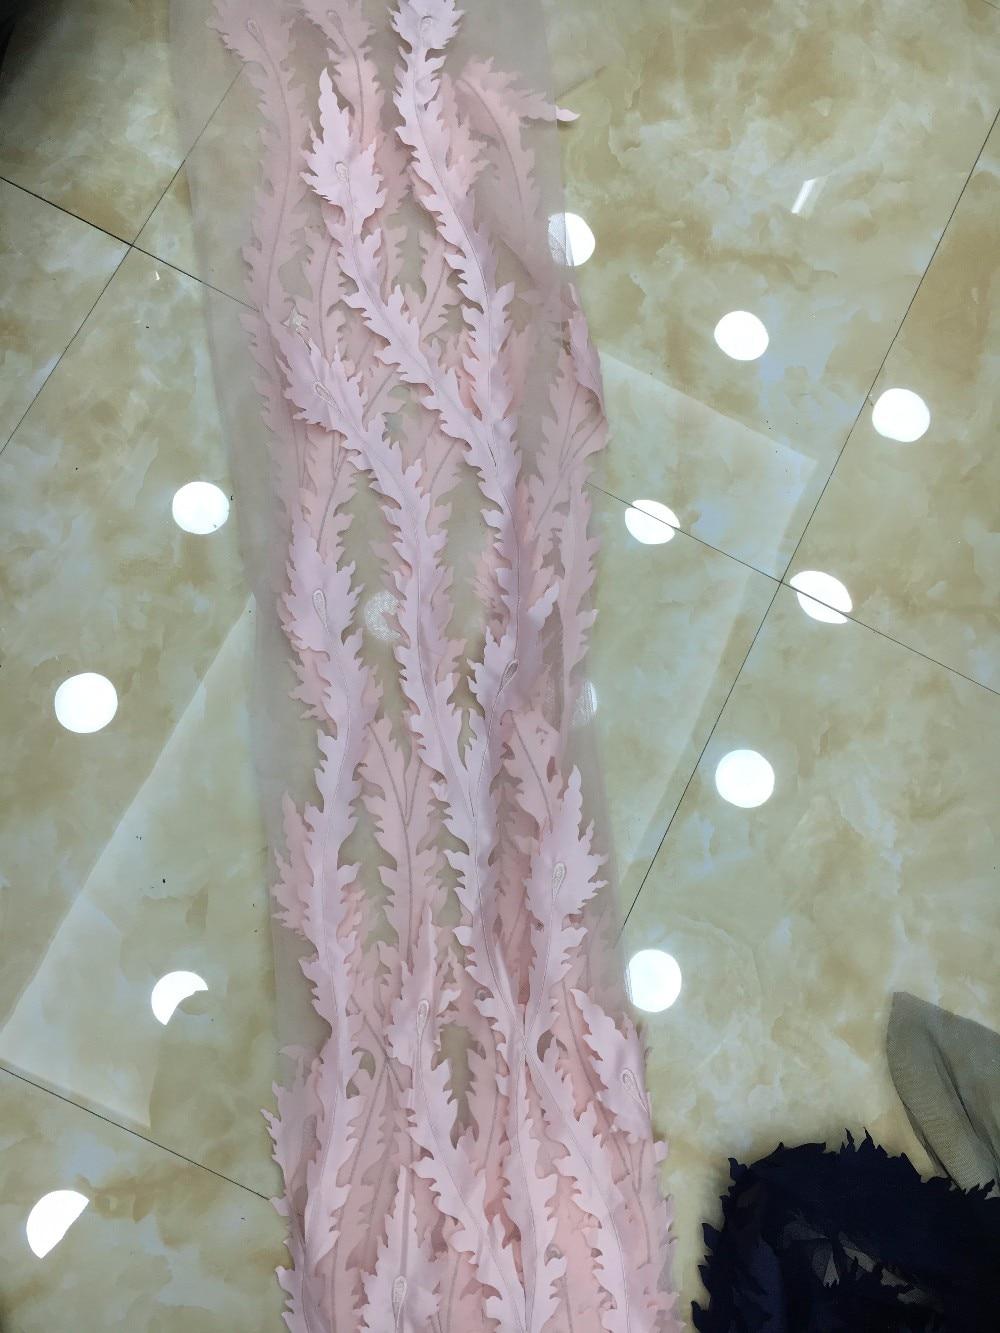 Merah muda renda / appliques renda untuk gaun pengantin, Perancis - Seni, kerajinan dan menjahit - Foto 4